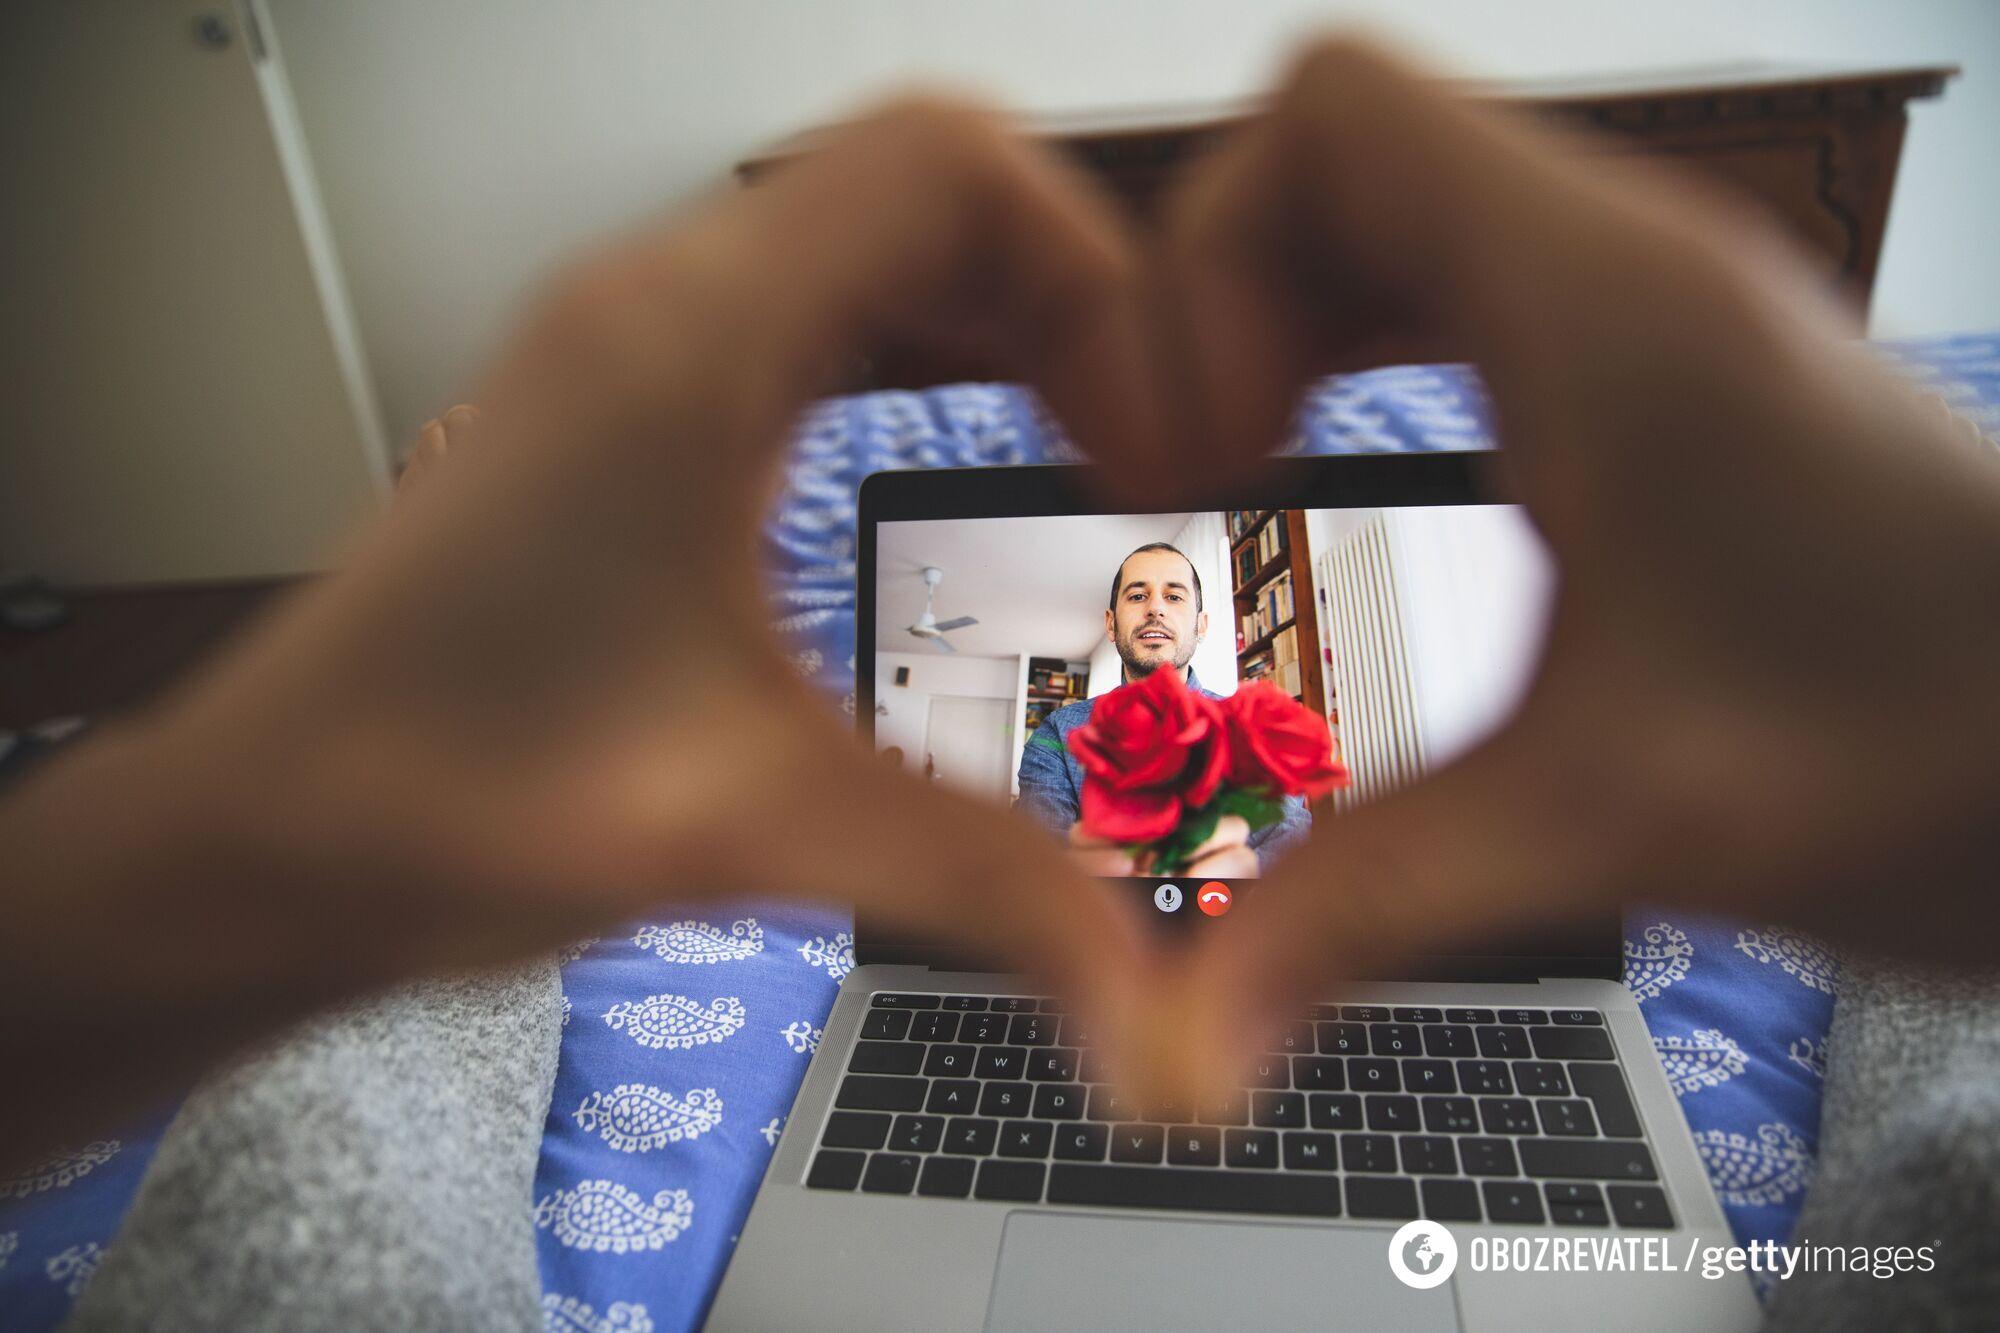 На сайтах знакомств орудуют мошенники и грабители